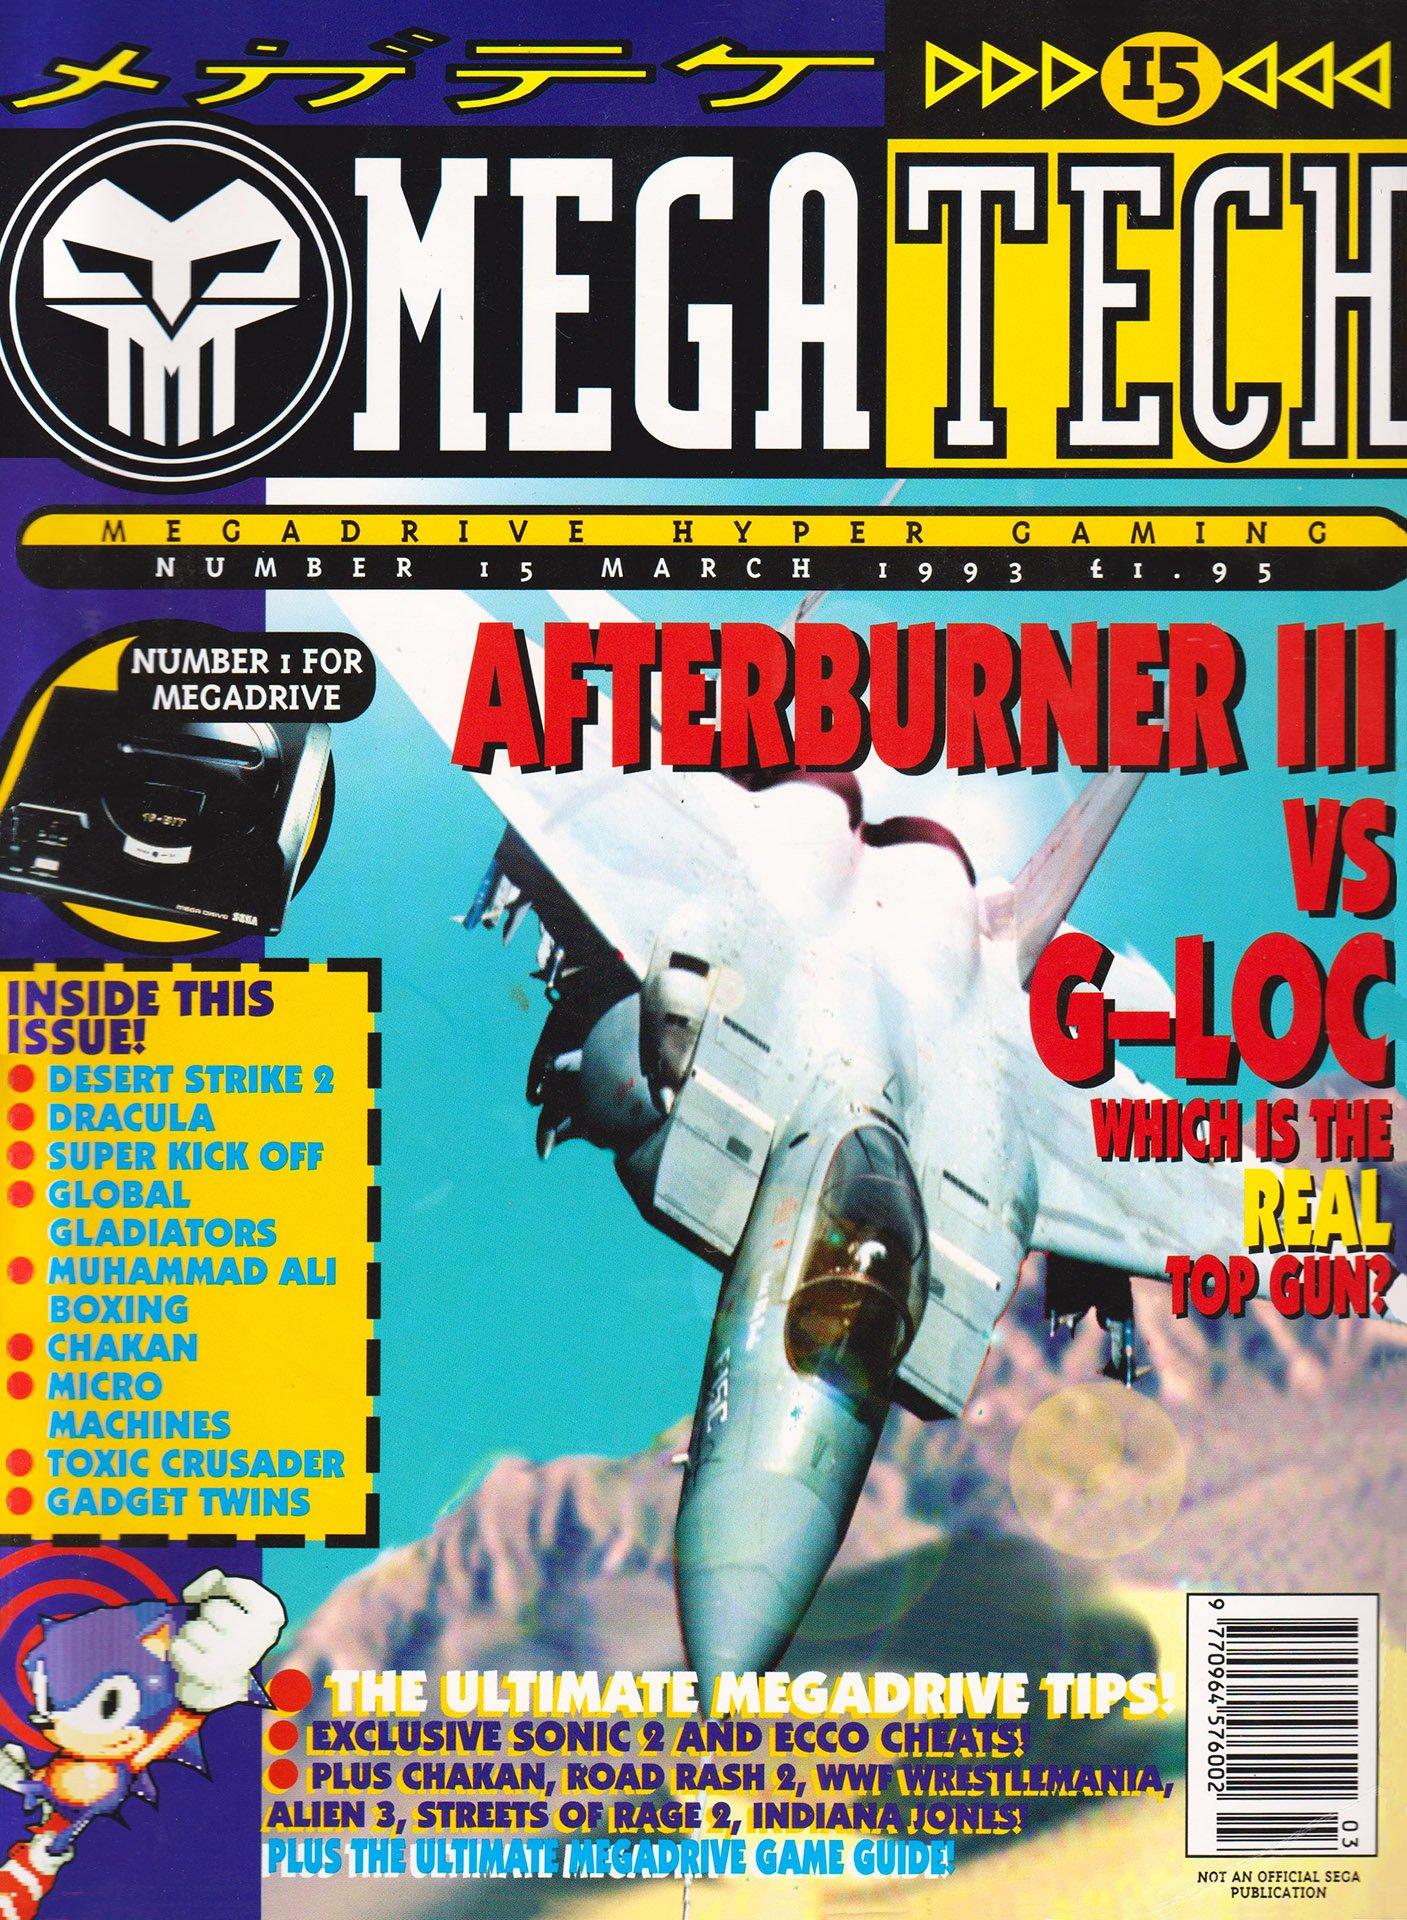 MegaTech 15 (March 1993)